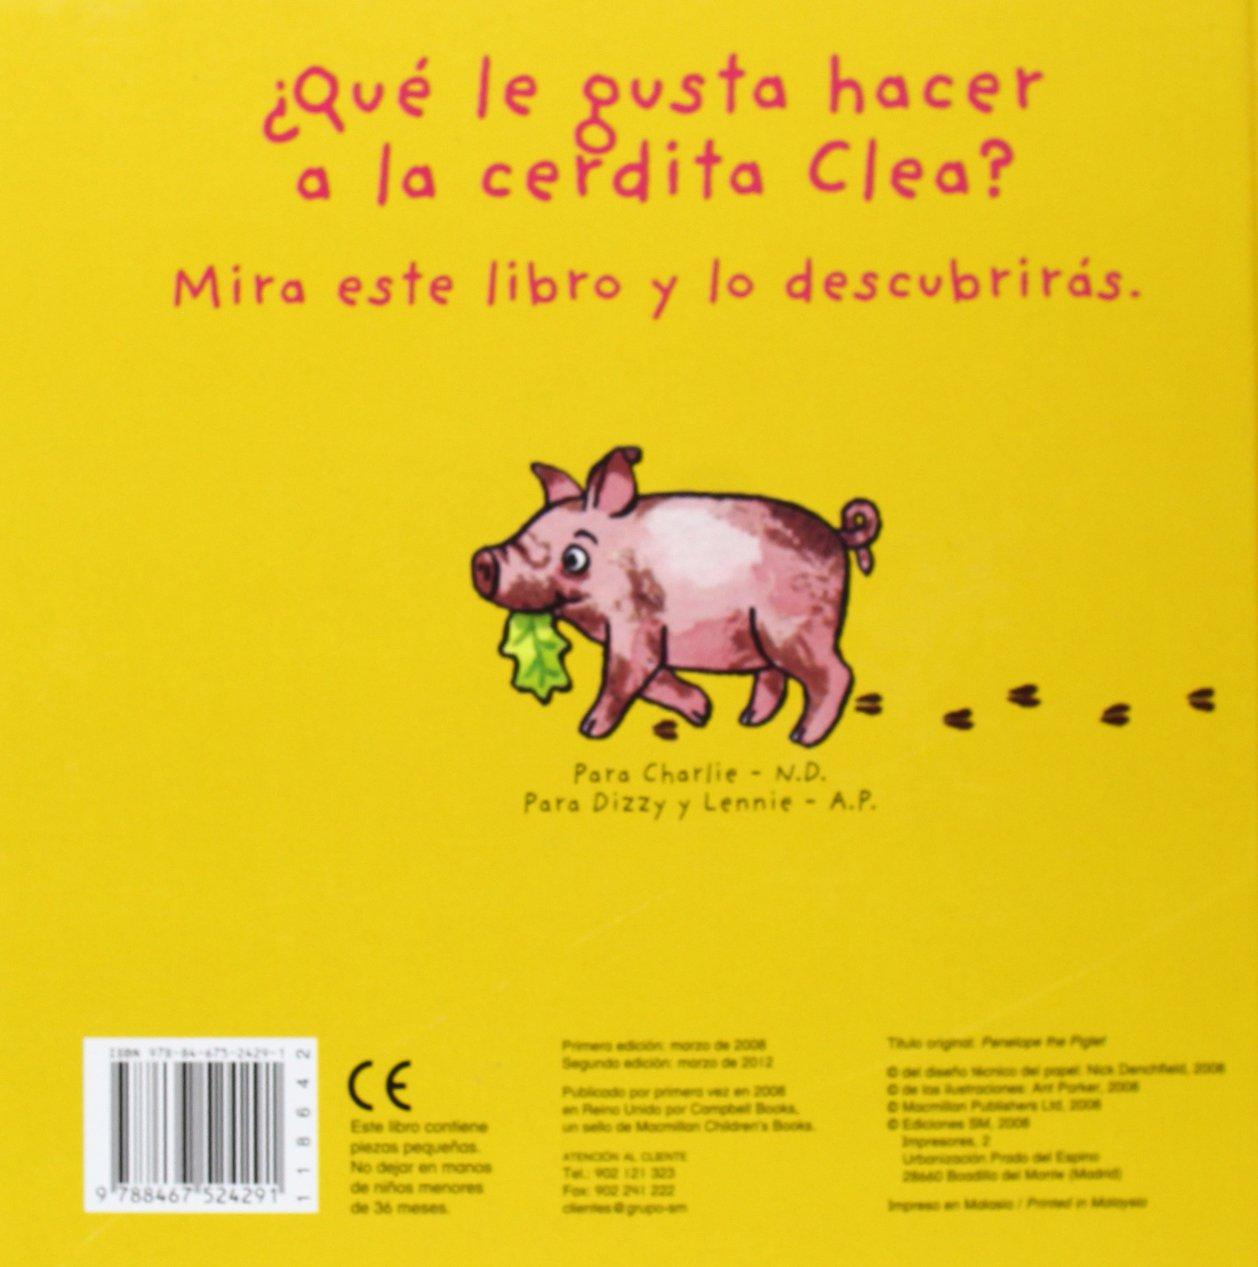 La cerdita Clea (El pollo Pepe y sus amigos): Amazon.es: Nick Denchfield,  Ant Parker: Libros